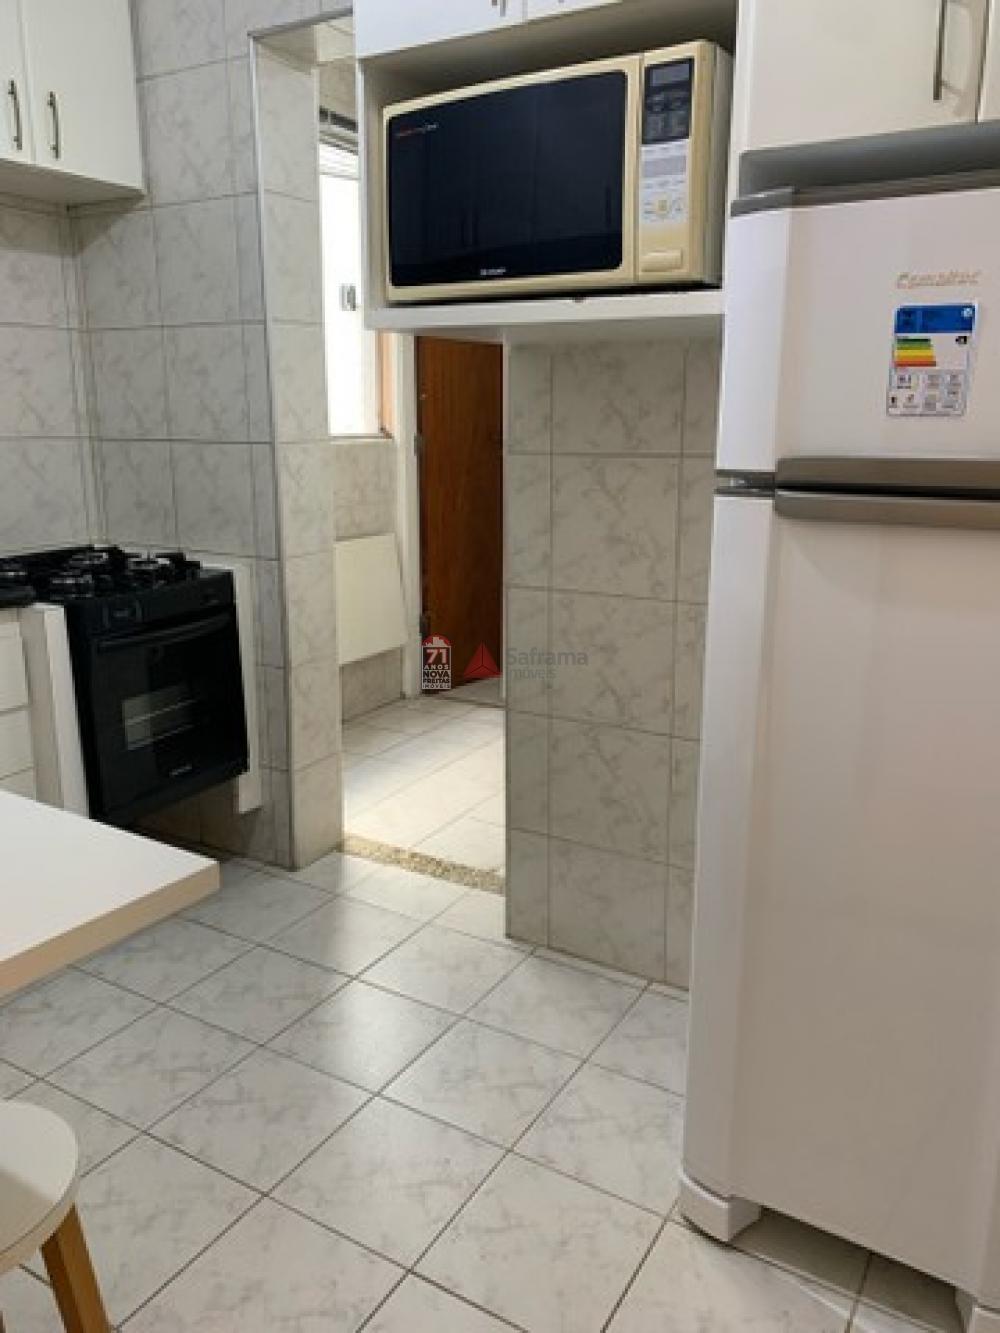 Alugar Apartamento / Padrão em São José dos Campos R$ 1.540,00 - Foto 6